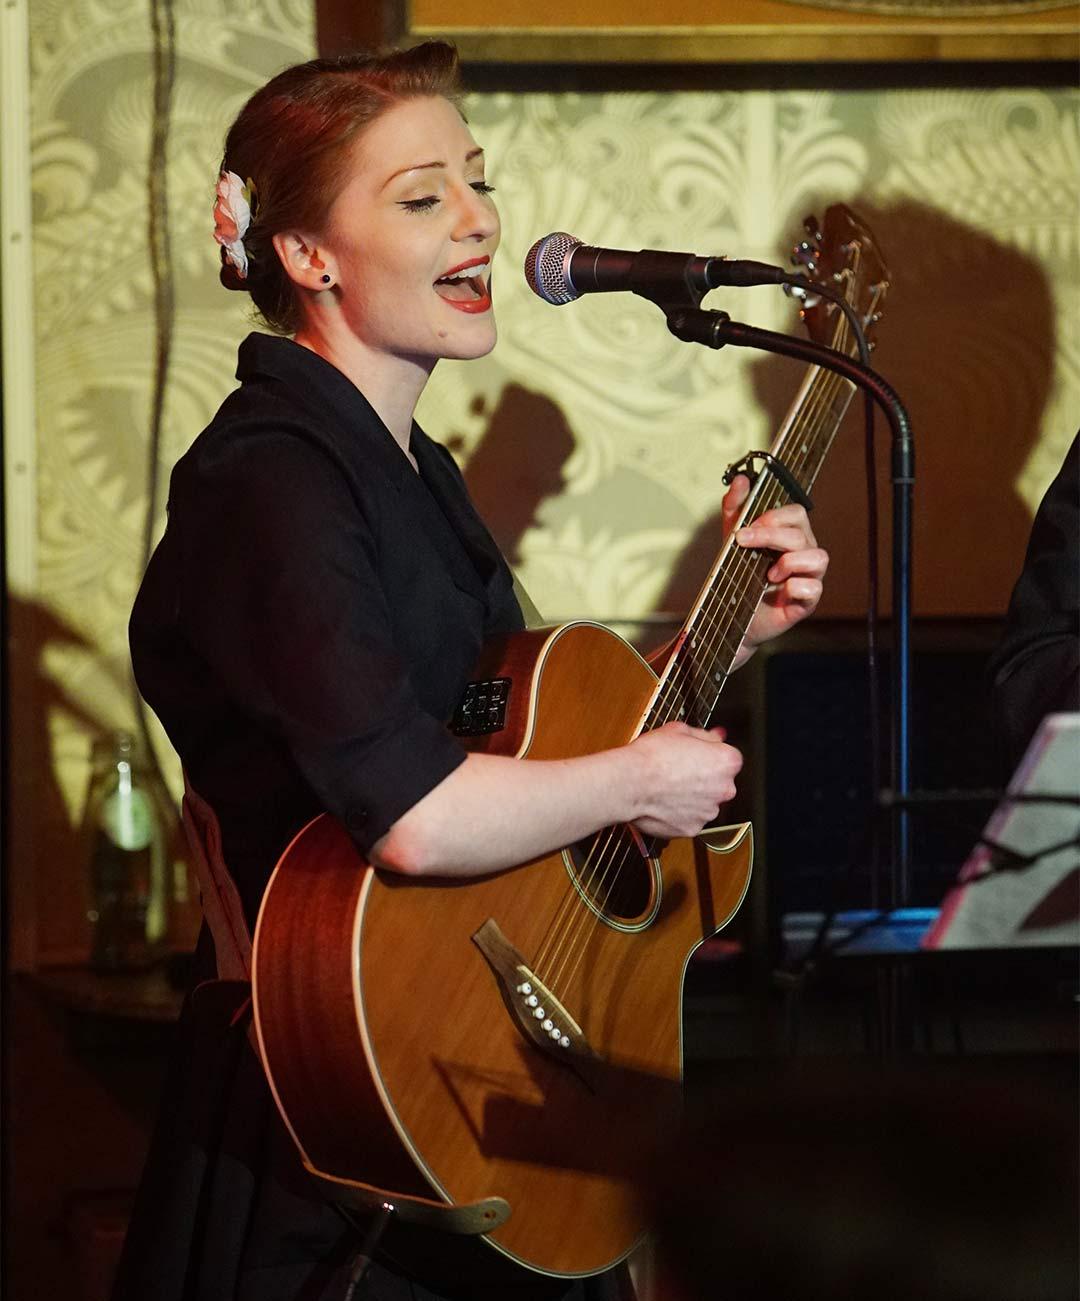 Gesangslehrerin Melanie Neuhoefer